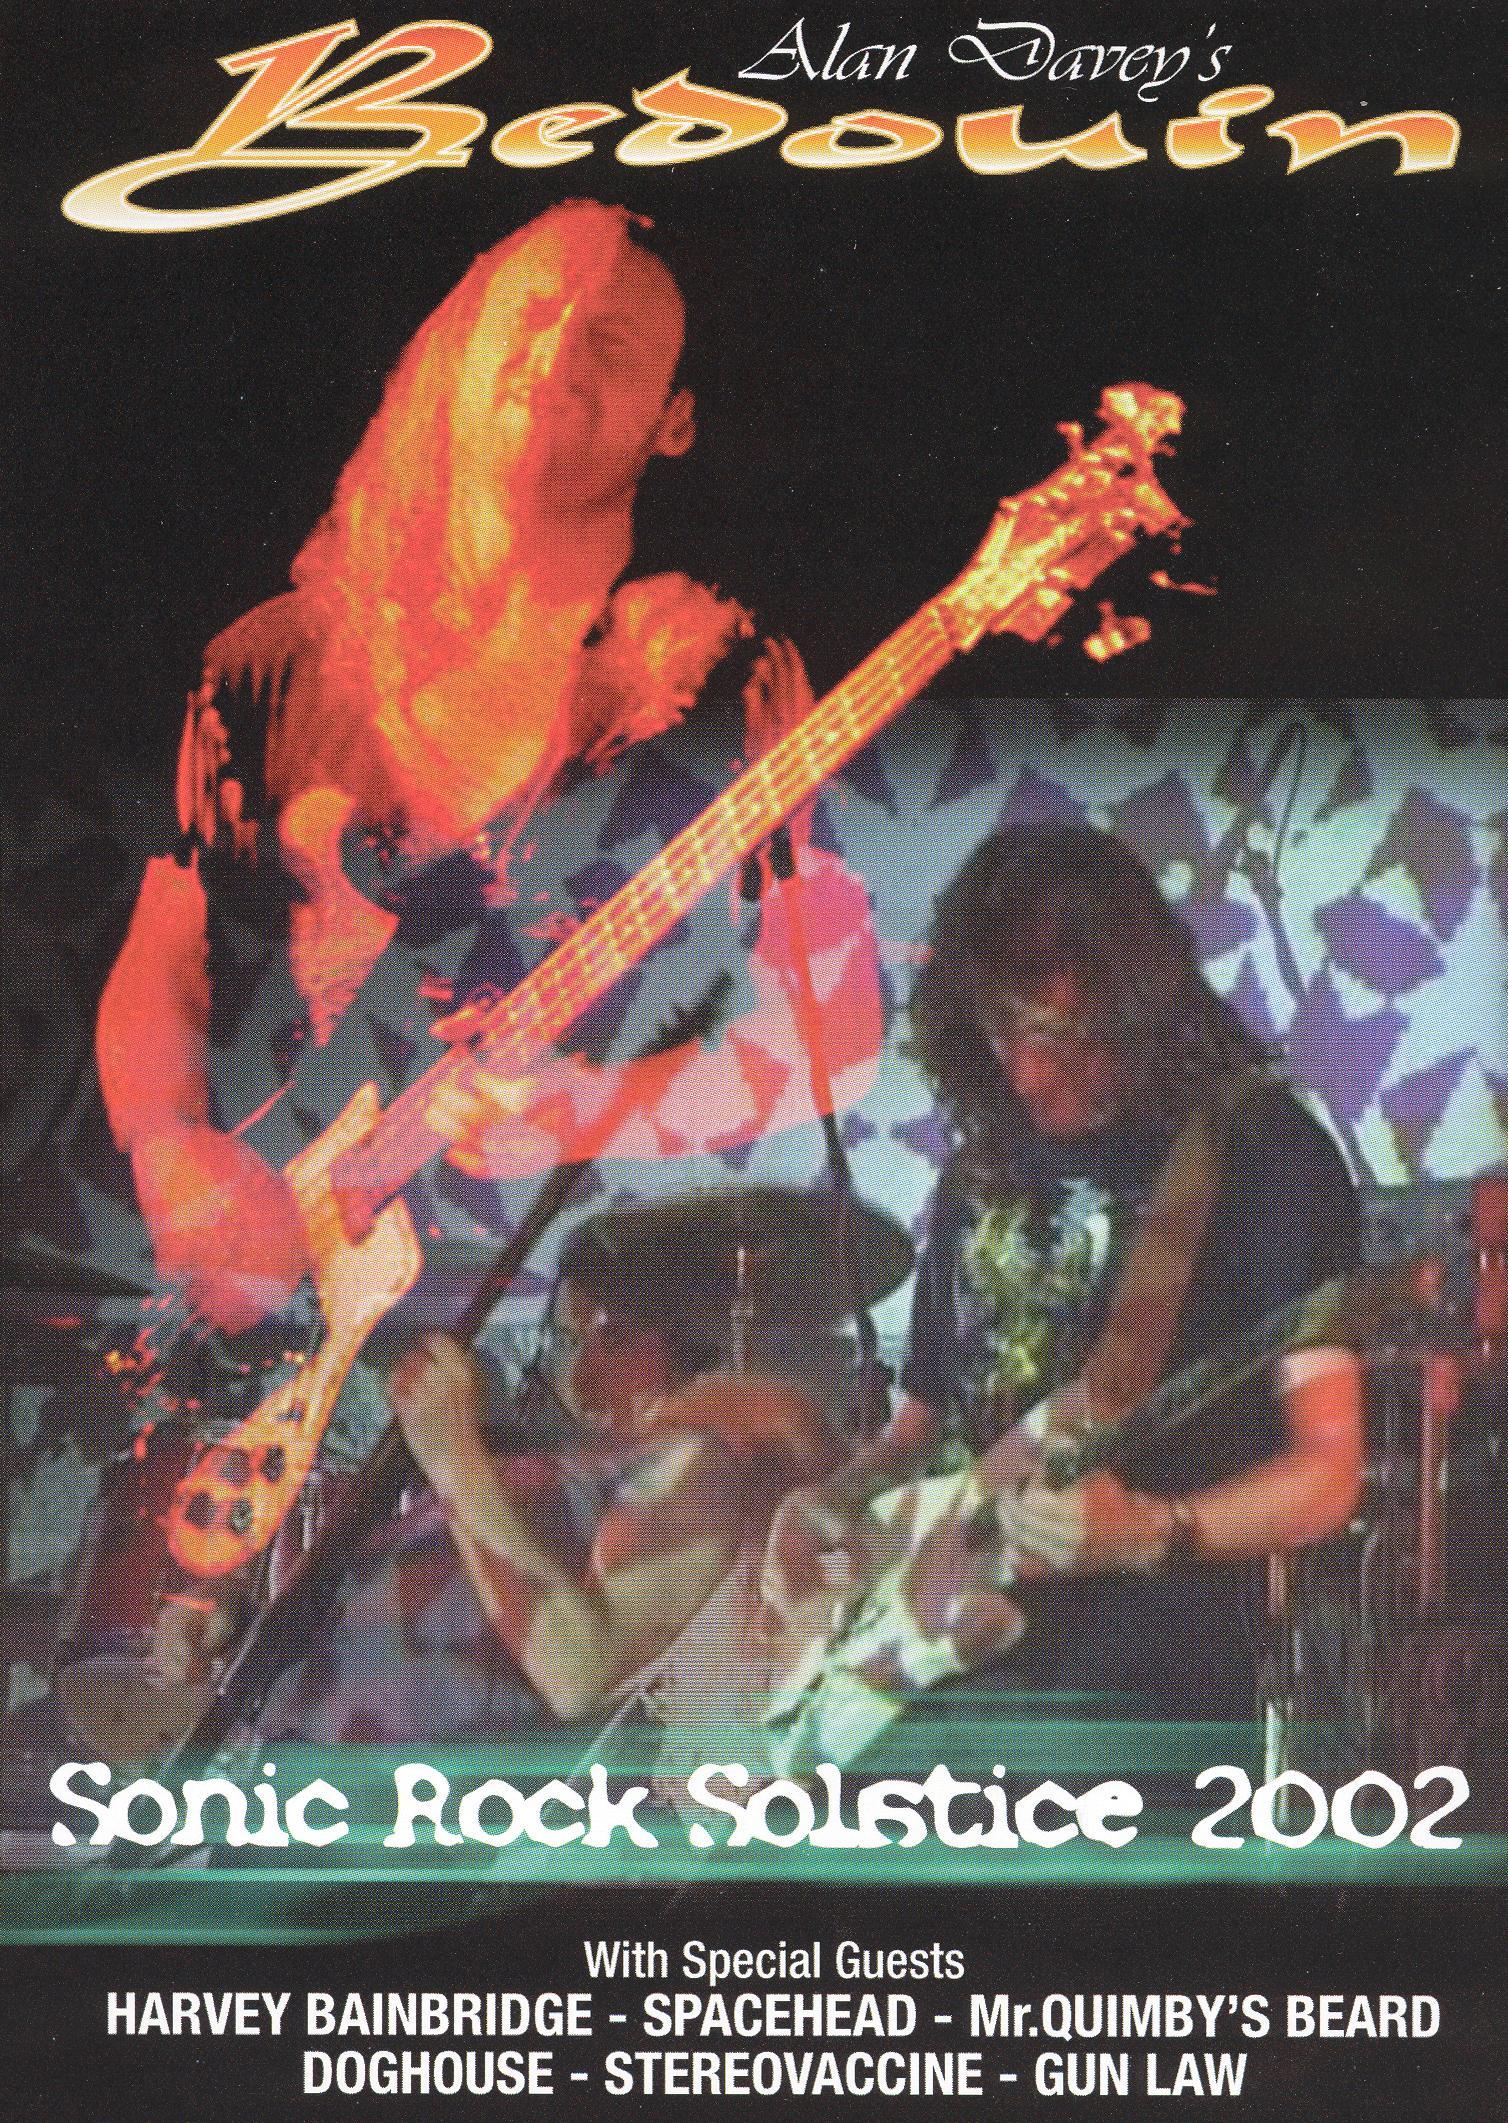 Alan Davey's Bedouin: Sonic Rock Solstice 2000